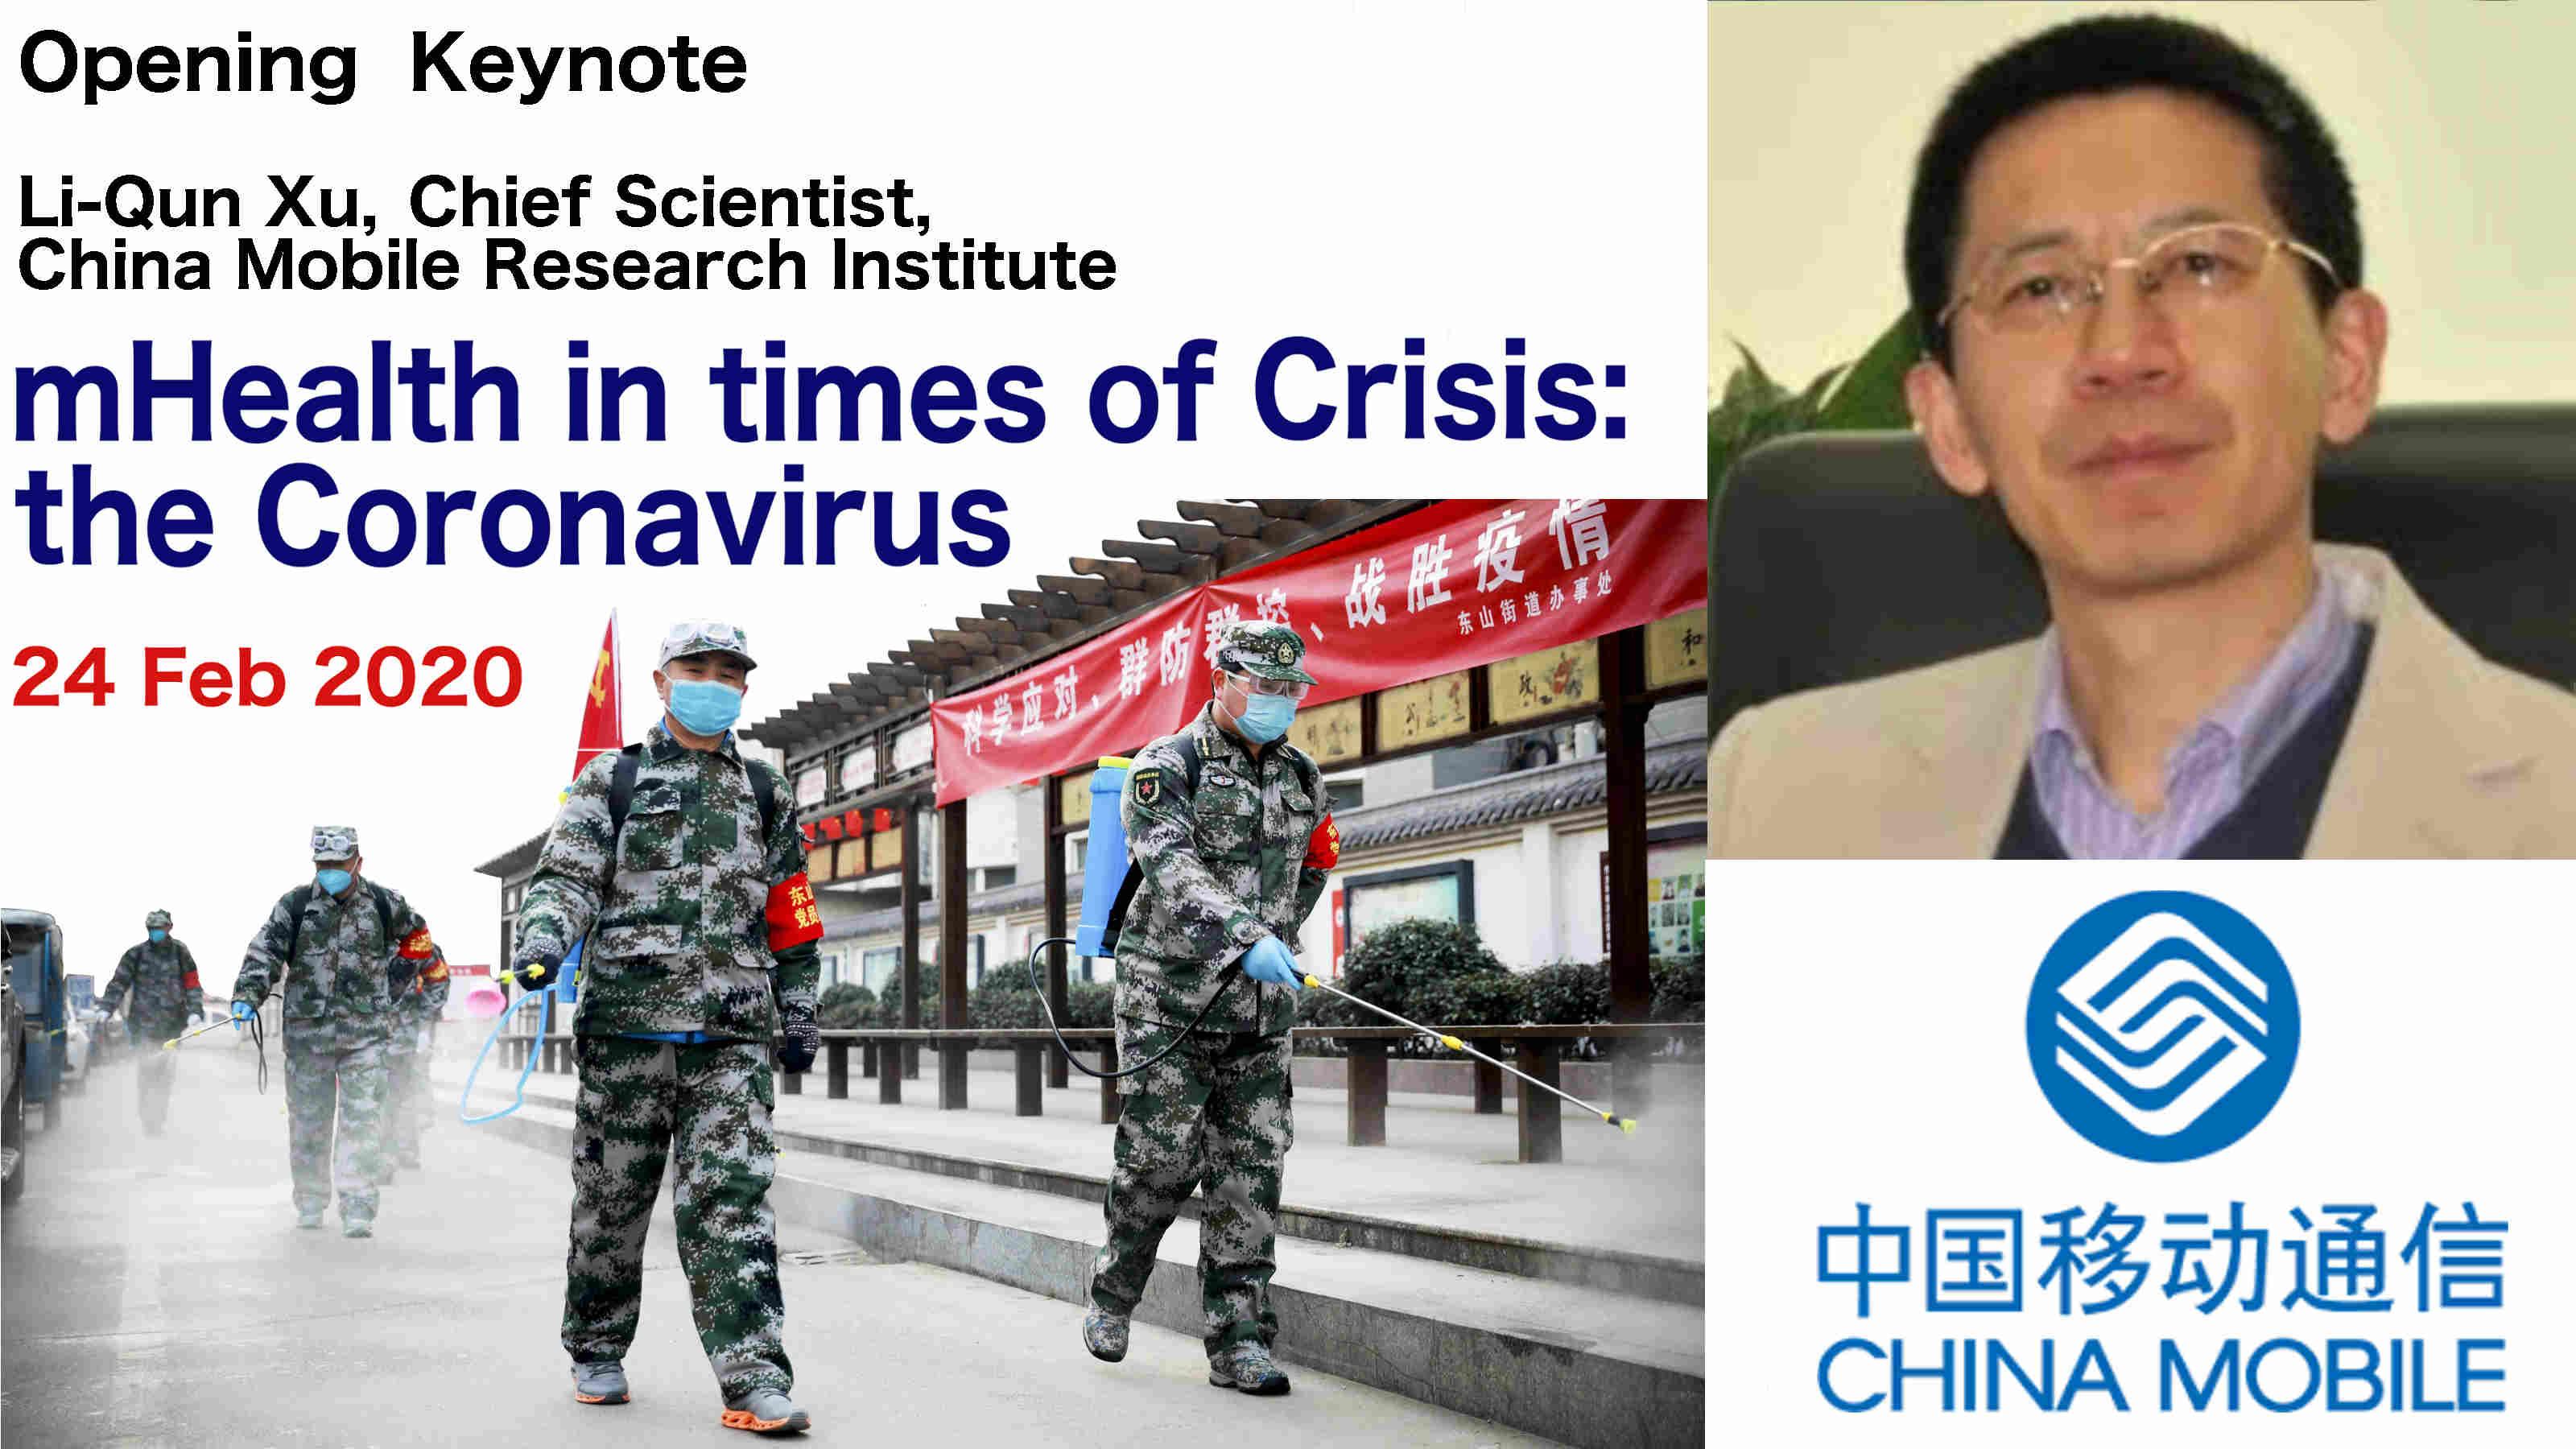 mHealth in Crisis LiQun Xu China Mobile